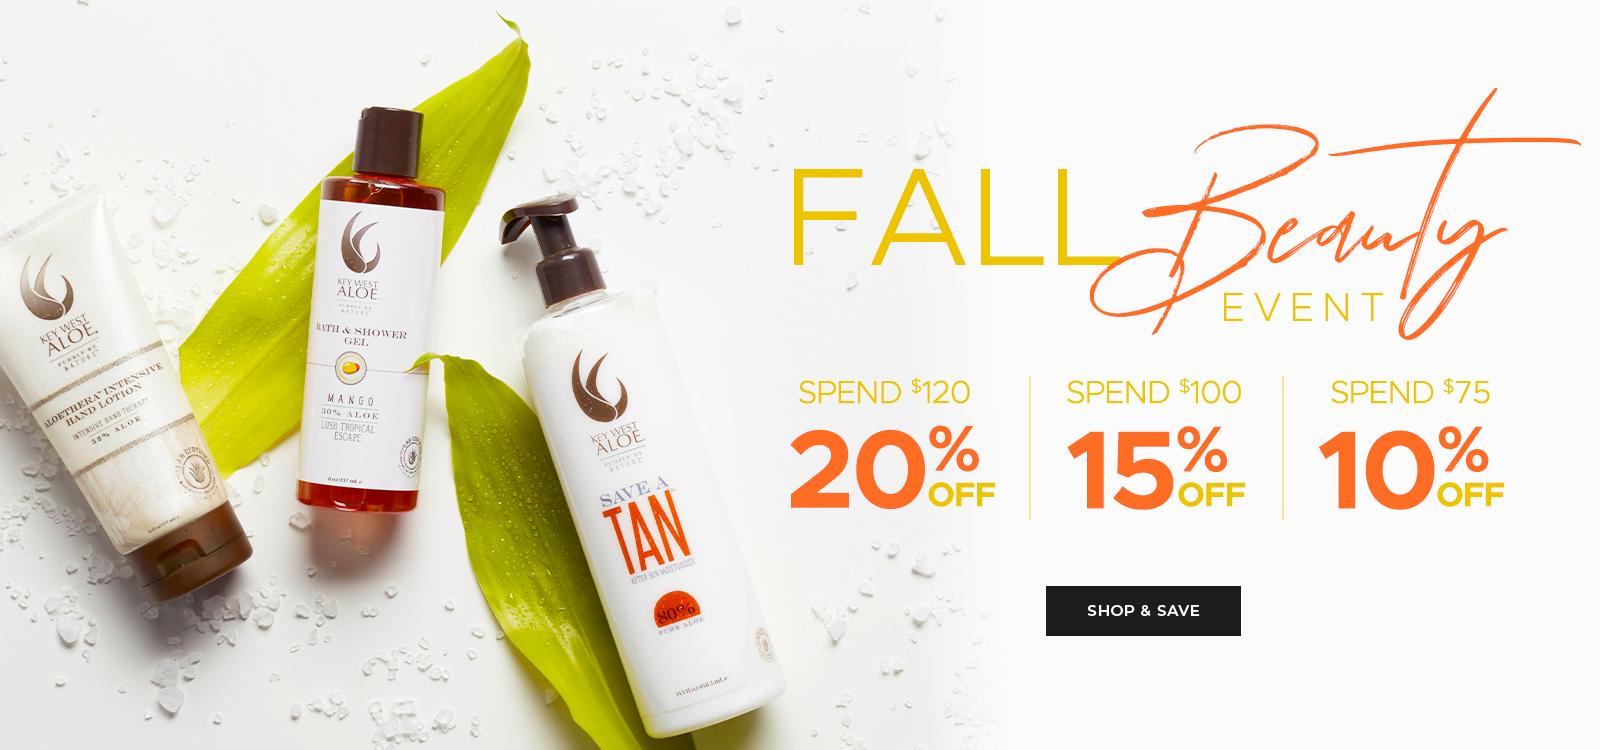 Spend $75 Get 10% Discount